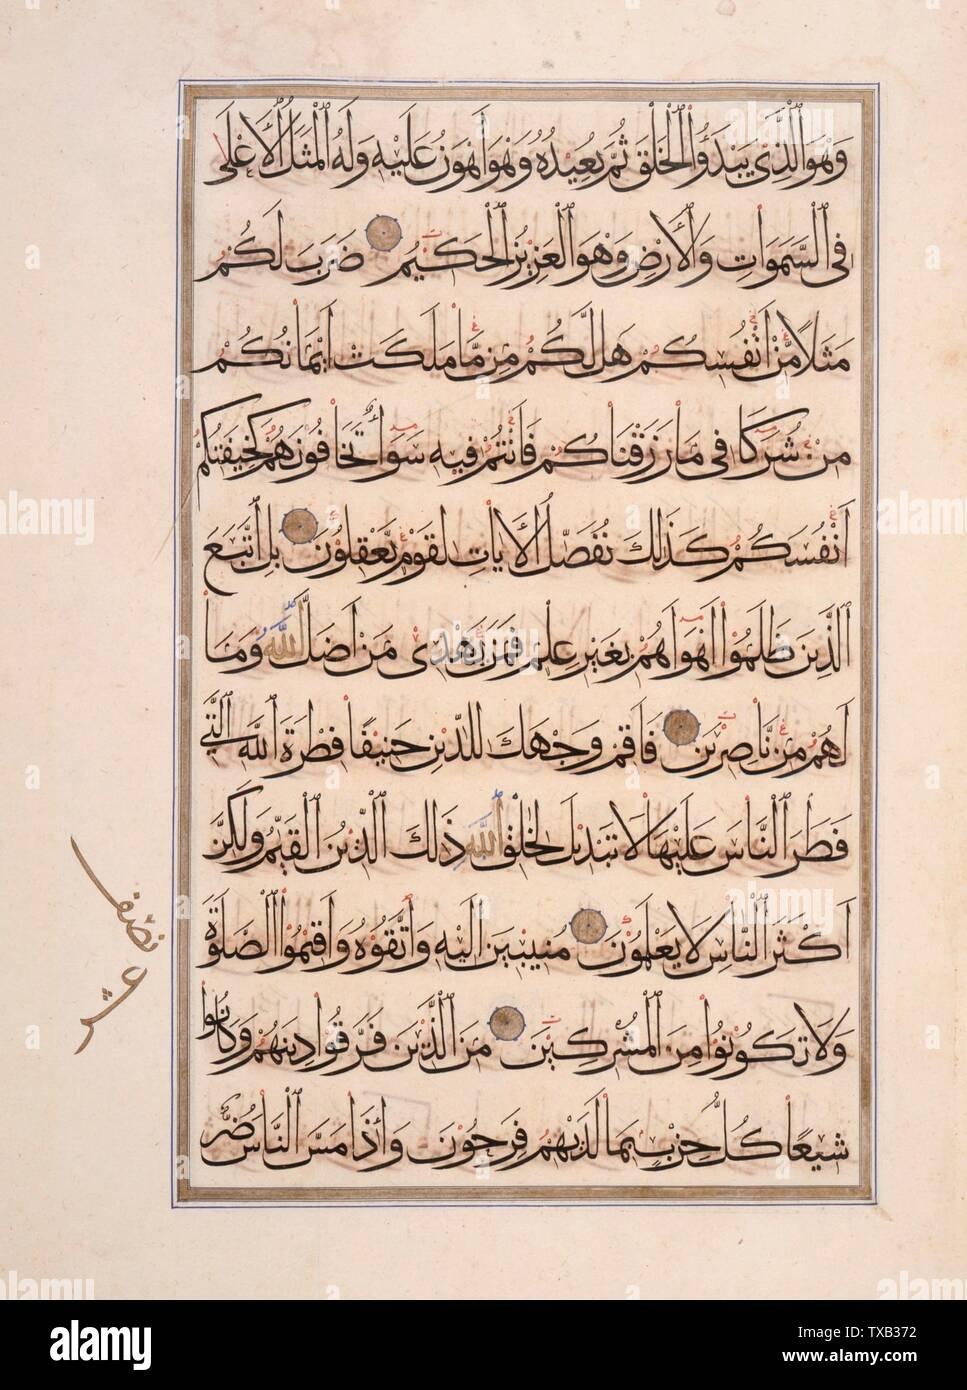 'Page d'un manuscrit du Qur'an (30:27-41); Anglais: Égypte, 1561-1562/969 A.H. Manuscrits opaque aquarelle, et d'or sur le papier l'Edwin Binney, 3e, Collection de l'Art Turc au Los Angeles County Museum of Art (M.85.237.73); l'Art Islamique 1561-1562/969 A.H.; ' Photo Stock